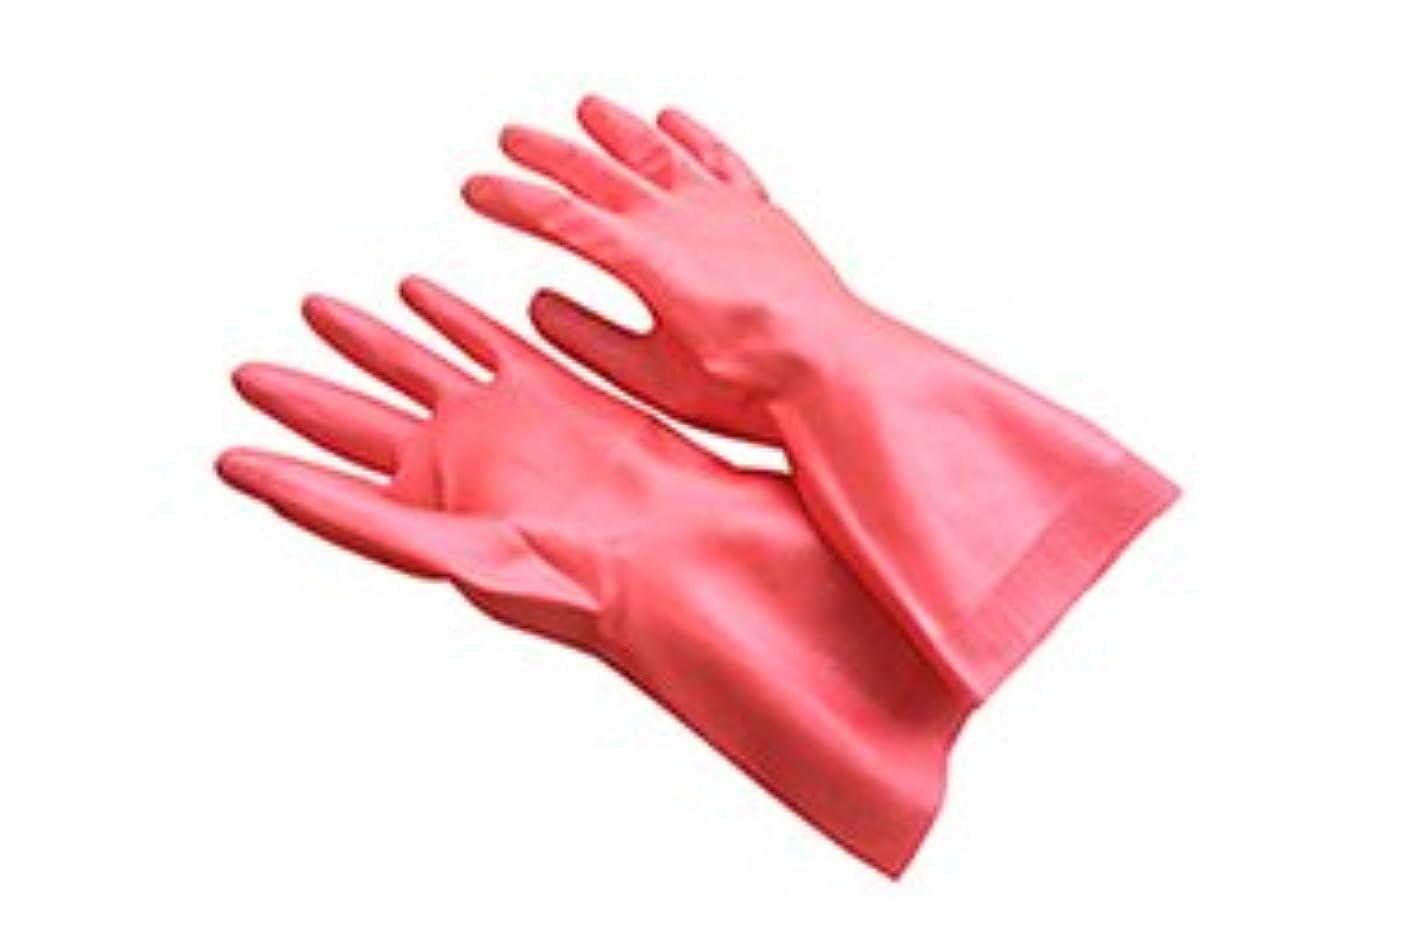 する必要がある平均ピットダスキン天然ゴム手袋Mサイズ ピンク